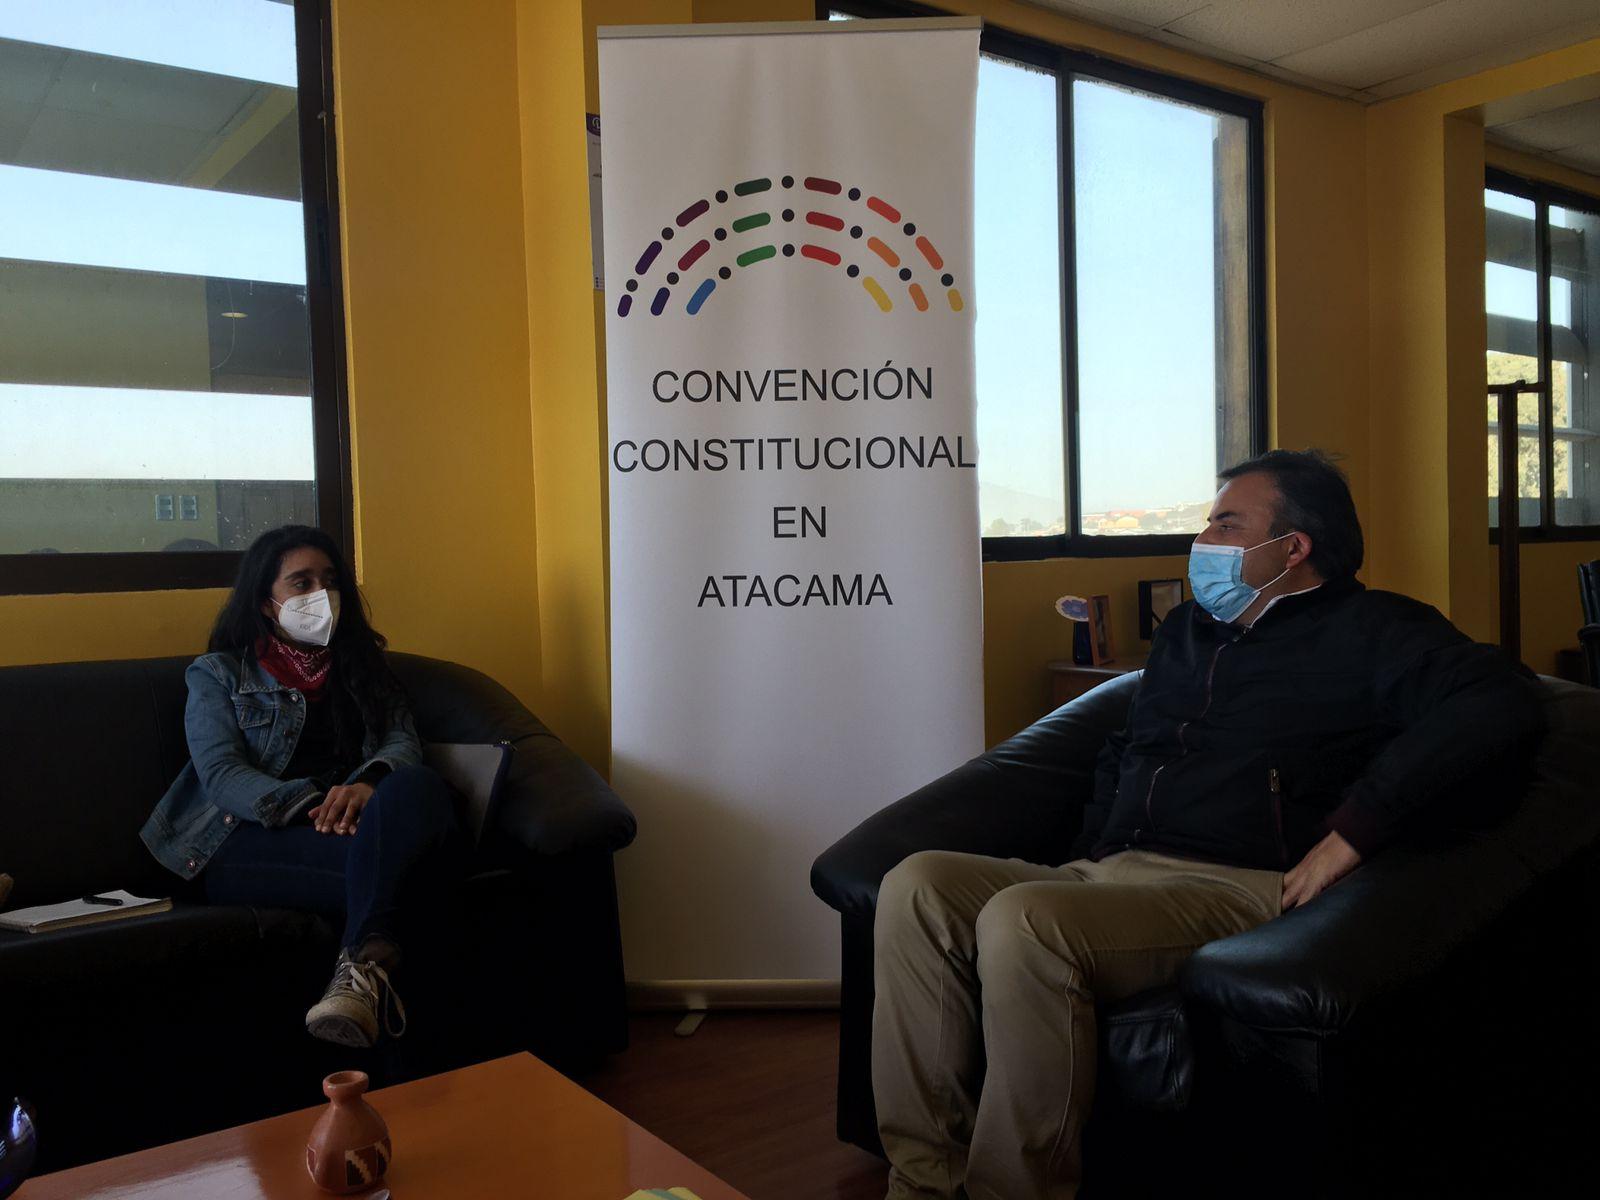 Convencional Constanza San Juan se reunió con vecinos y autoridades en semana distrital